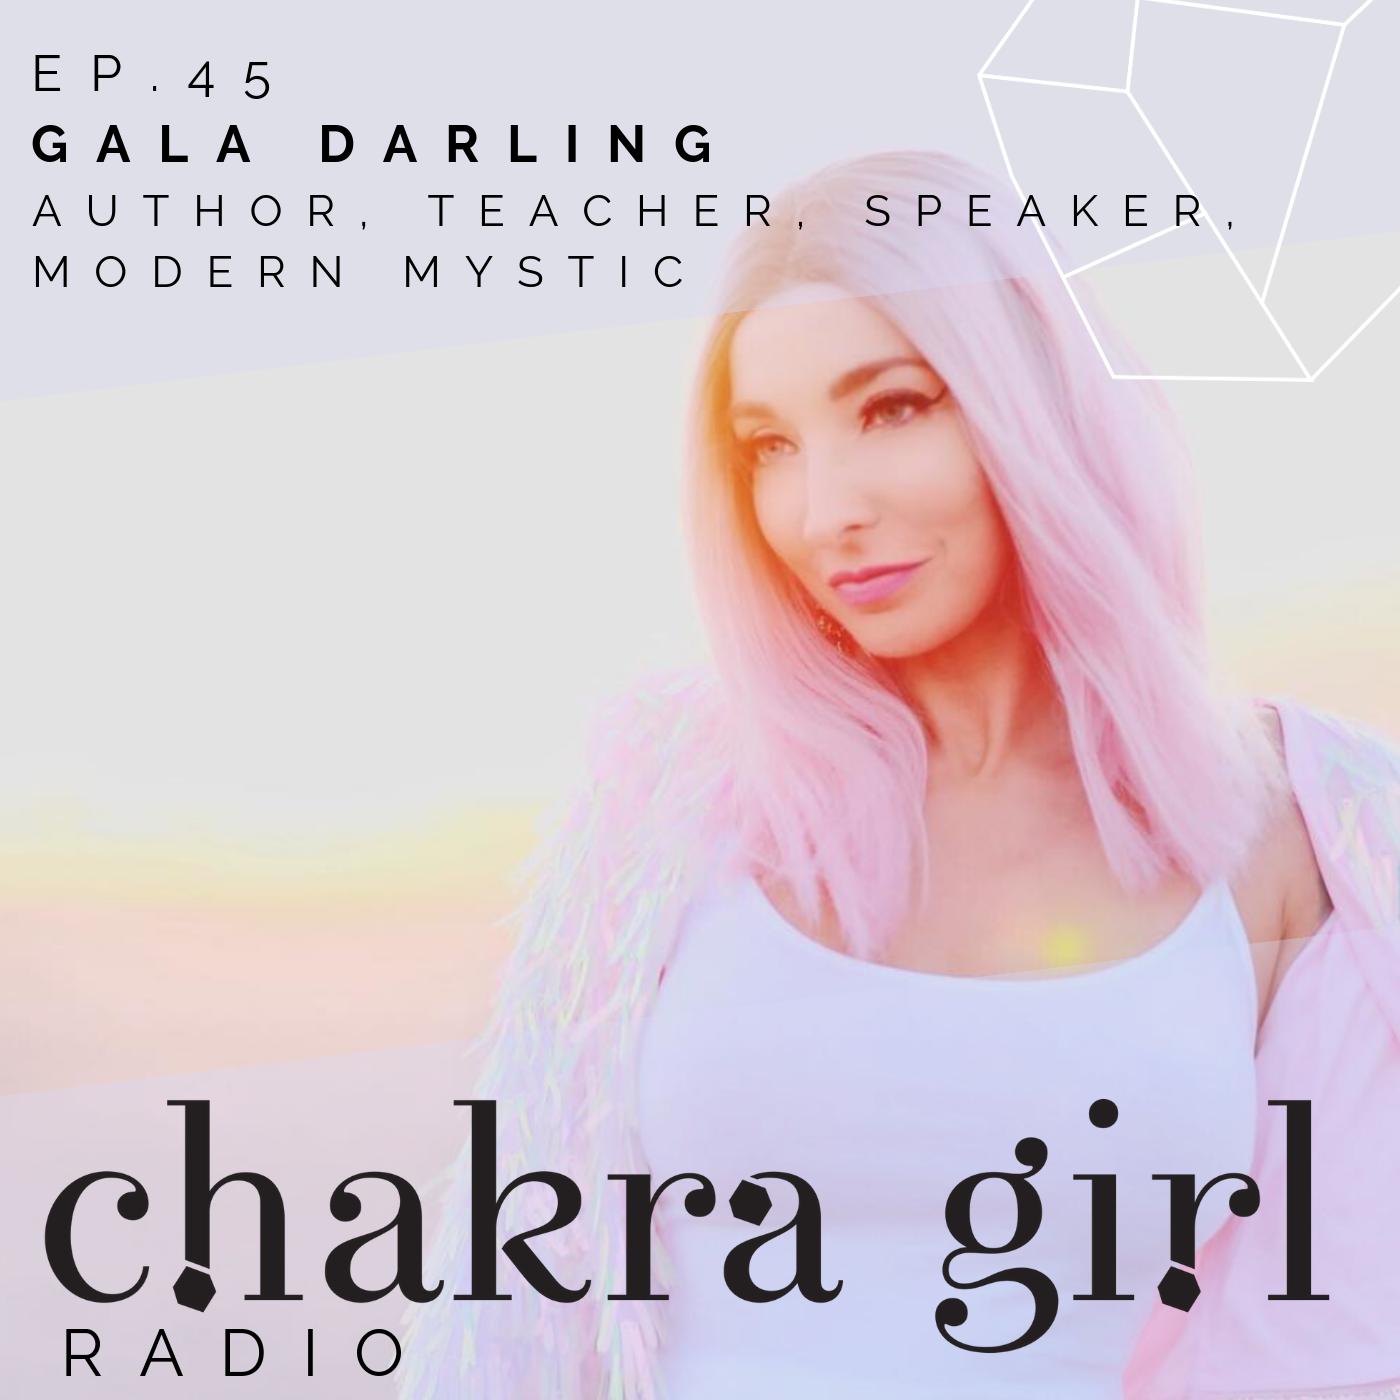 GALA+DARLING+CHAKRA+GIRL+RADIO.png